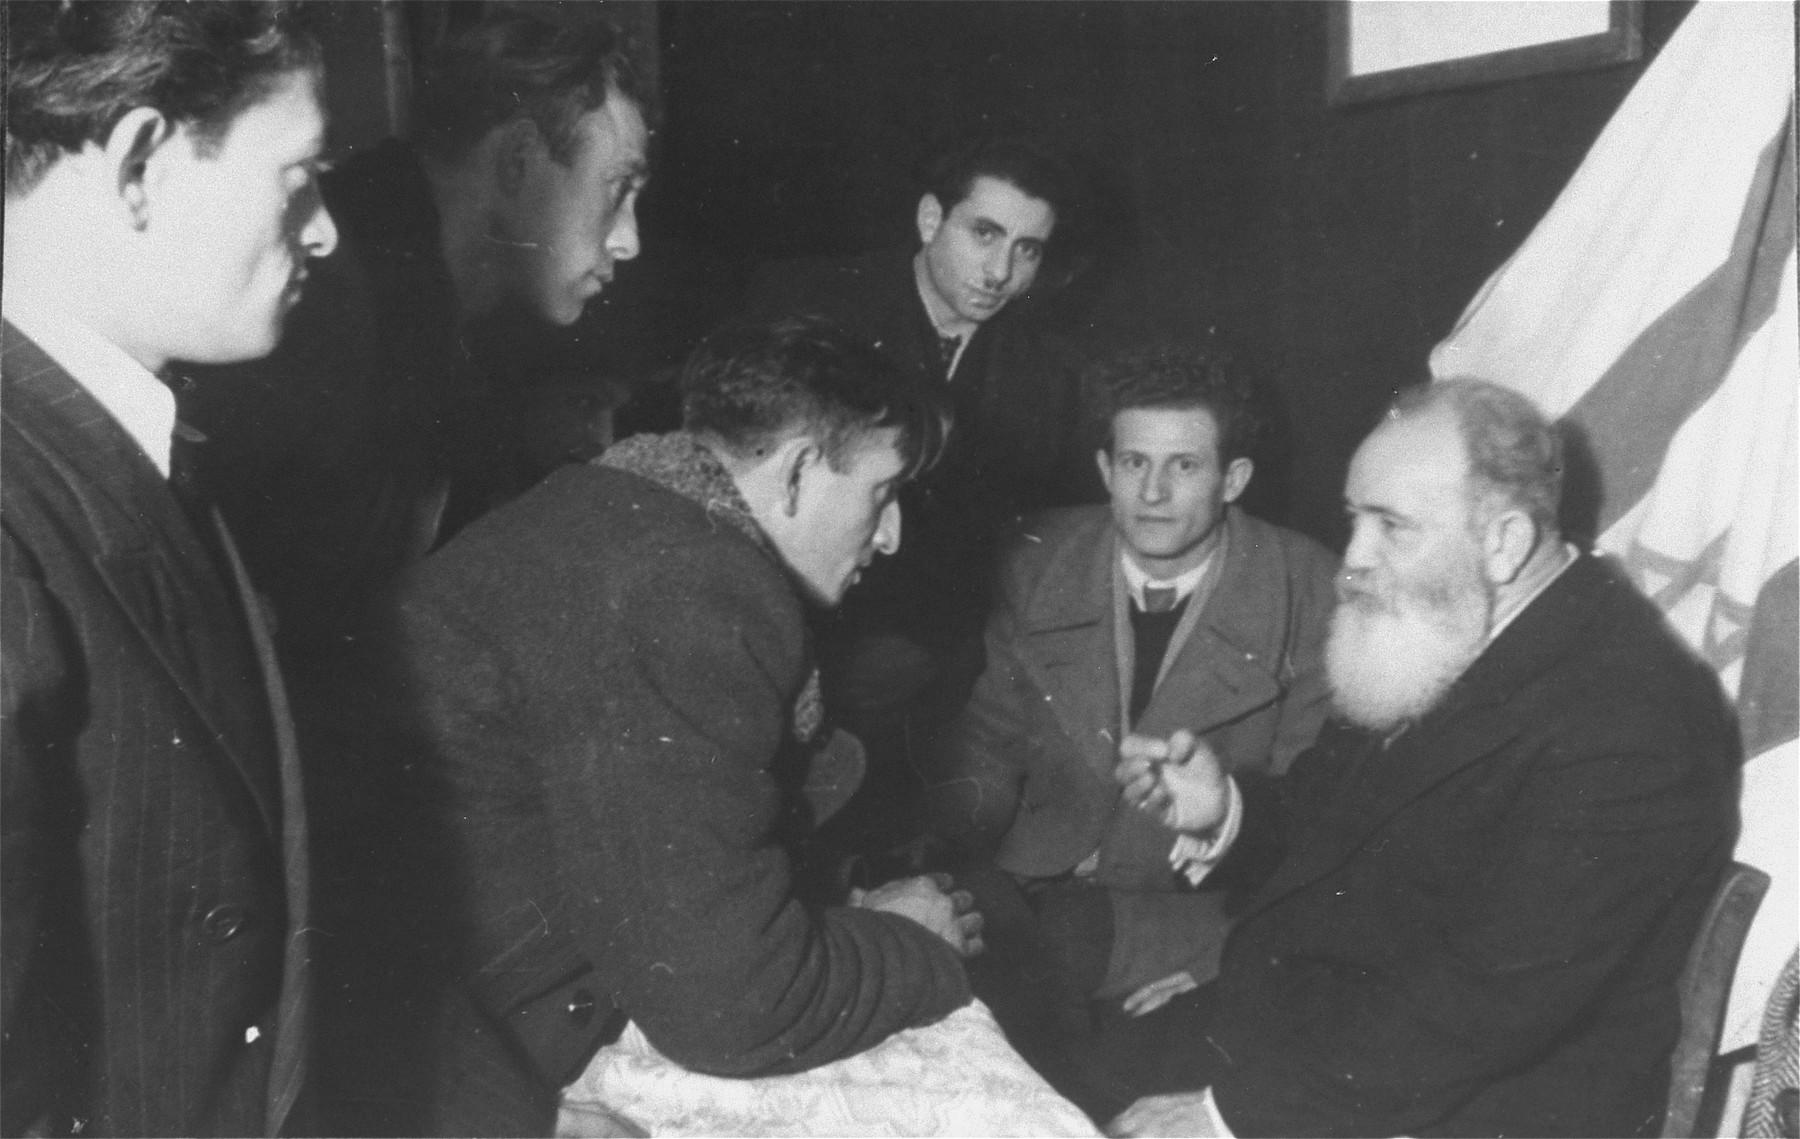 Jacob Zerubavel meeting a group of DPs at Zeilsheim DP camp.